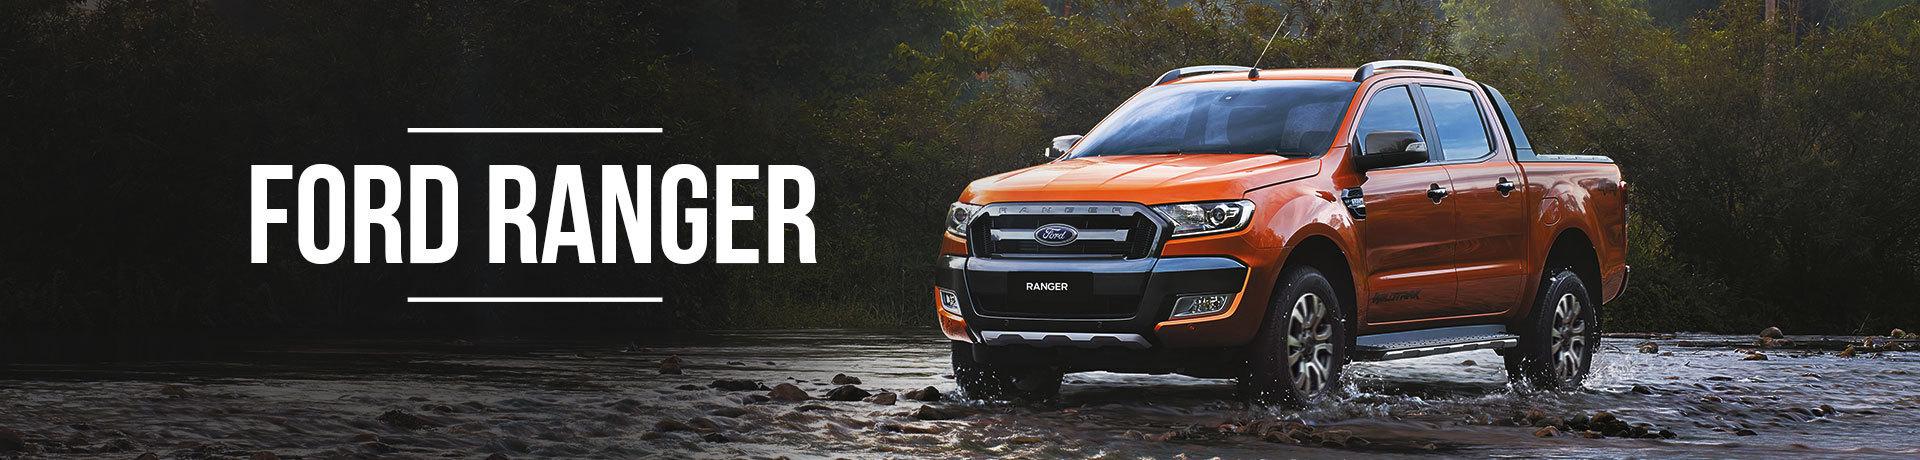 Ford Ranger Banner 2